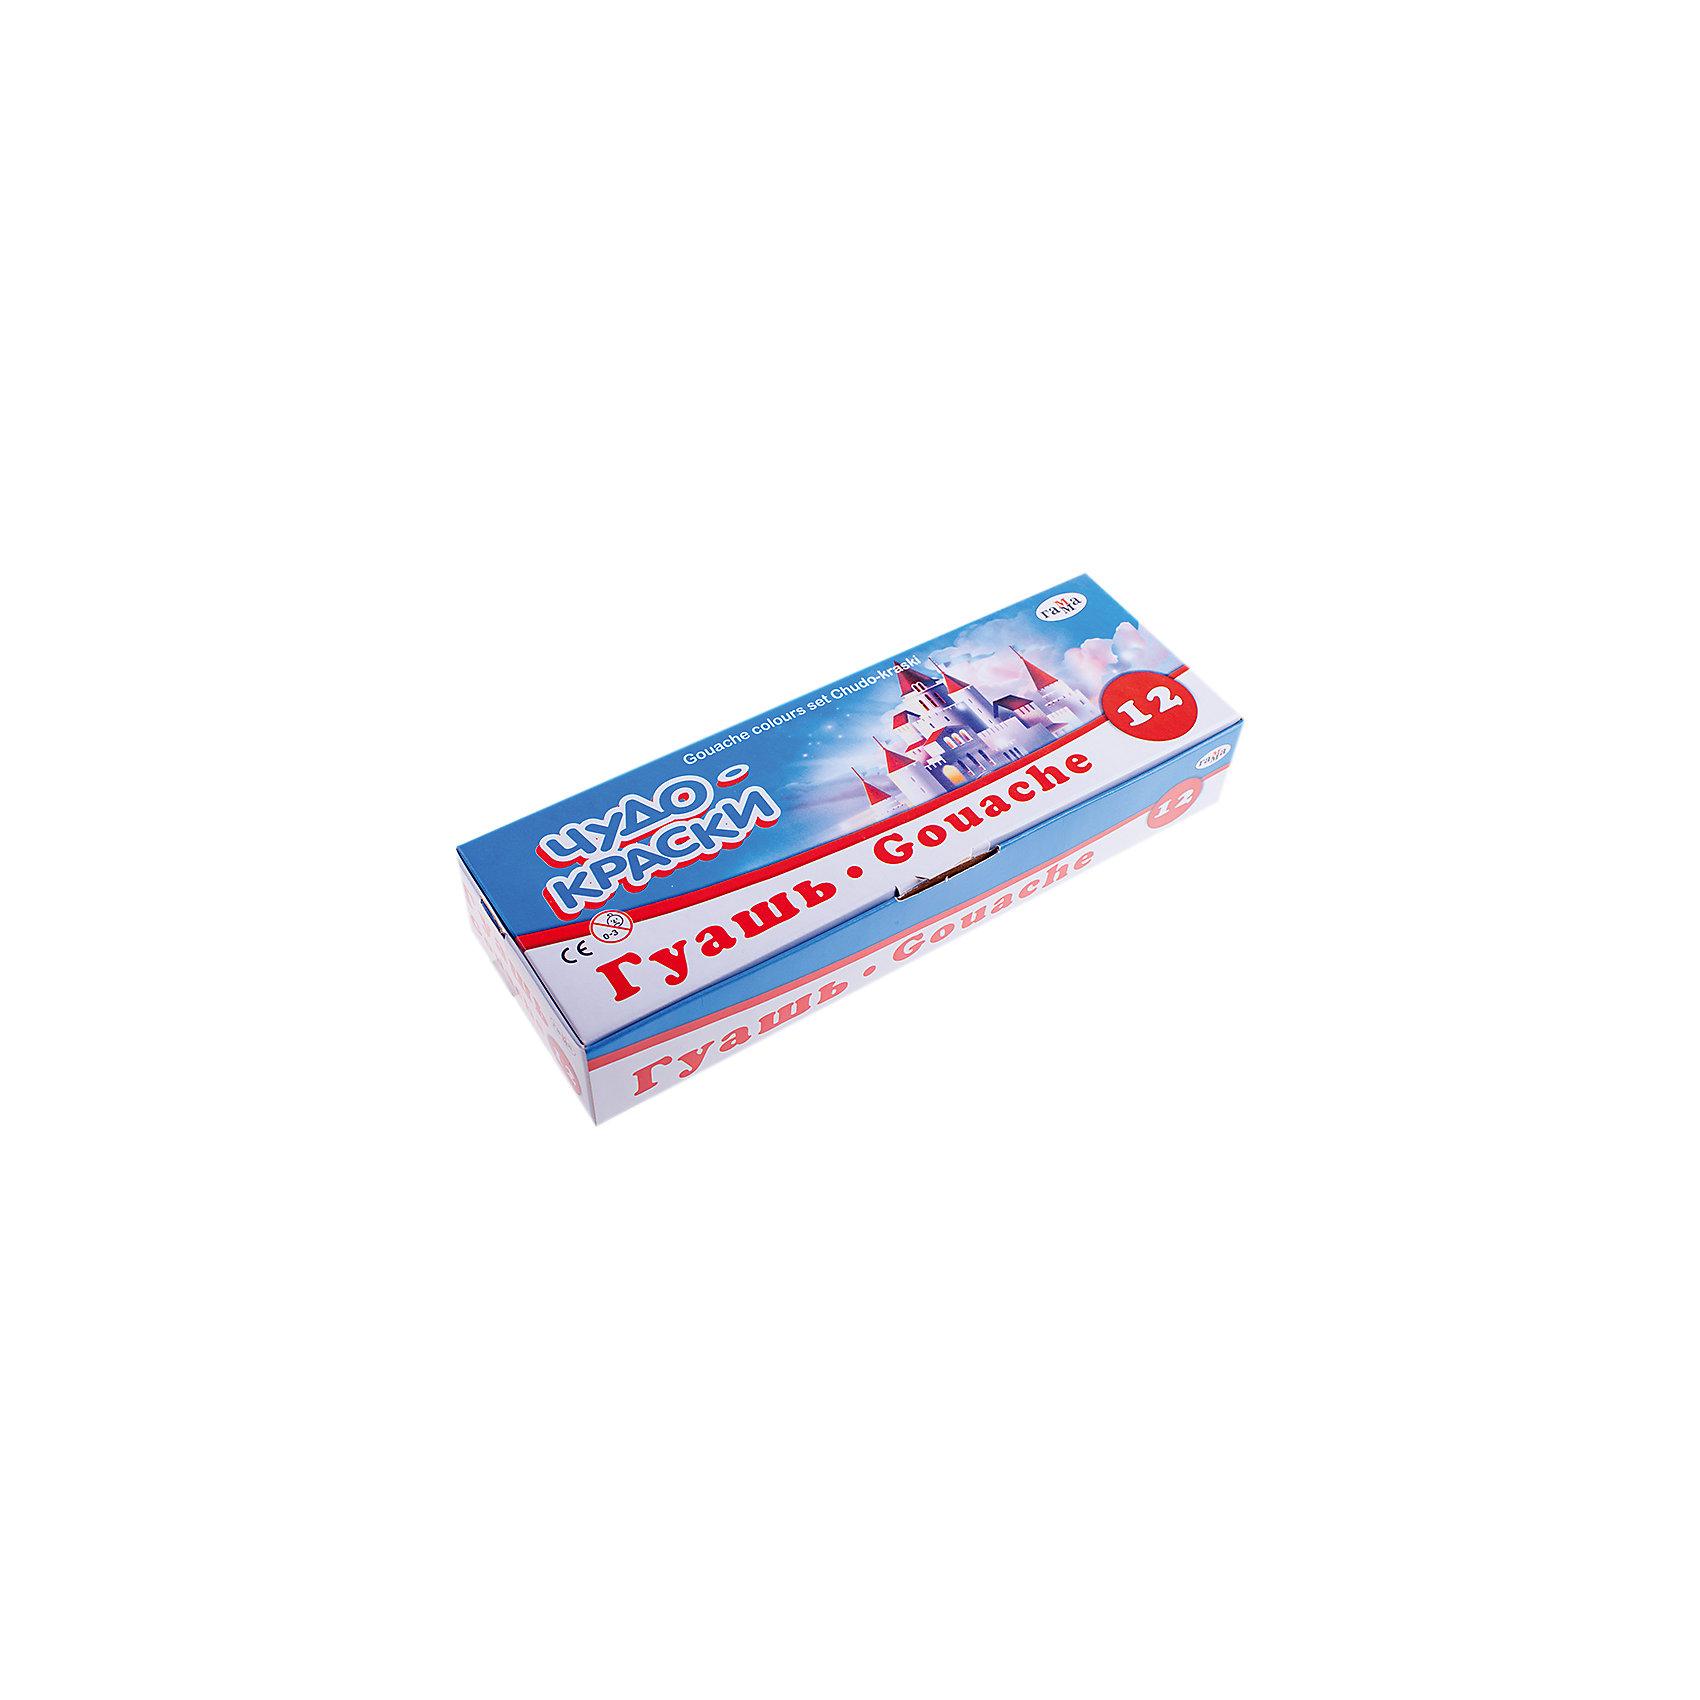 Гуашь ЧУДО-КРАСКИ, 12 цветов 20мл ГаммаРисование и лепка<br>Характеристики:<br><br>• возраст: от 3 лет<br>• в наборе: 12 баночек с разноцветной гуашью по 20 мл.<br>• упаковка: картонная коробка<br>• размер упаковки: 23,4х8,1х4,1 см.<br><br>Гуашь «Чудо-краски» Гамма предназначена для детского творчества, выполнения декоративно-оформительских работ.<br><br>Гуашь легко наносится на бумагу, картон и грунтованный холст. При высыхании приобретает матовую, бархатистую поверхность.<br><br>Гуашь изготовлена на основе натуральных компонентов и высококачественных пигментов, безопасна при использовании по назначению. Пластиковые баночки с герметично завинчивающейся крышкой легко открываются и закрываются.<br><br>Гуашь ЧУДО-КРАСКИ, 12 цветов 20мл Гамма можно купить в нашем интернет-магазине.<br><br>Ширина мм: 230<br>Глубина мм: 80<br>Высота мм: 40<br>Вес г: 480<br>Возраст от месяцев: 36<br>Возраст до месяцев: 2147483647<br>Пол: Унисекс<br>Возраст: Детский<br>SKU: 7010486